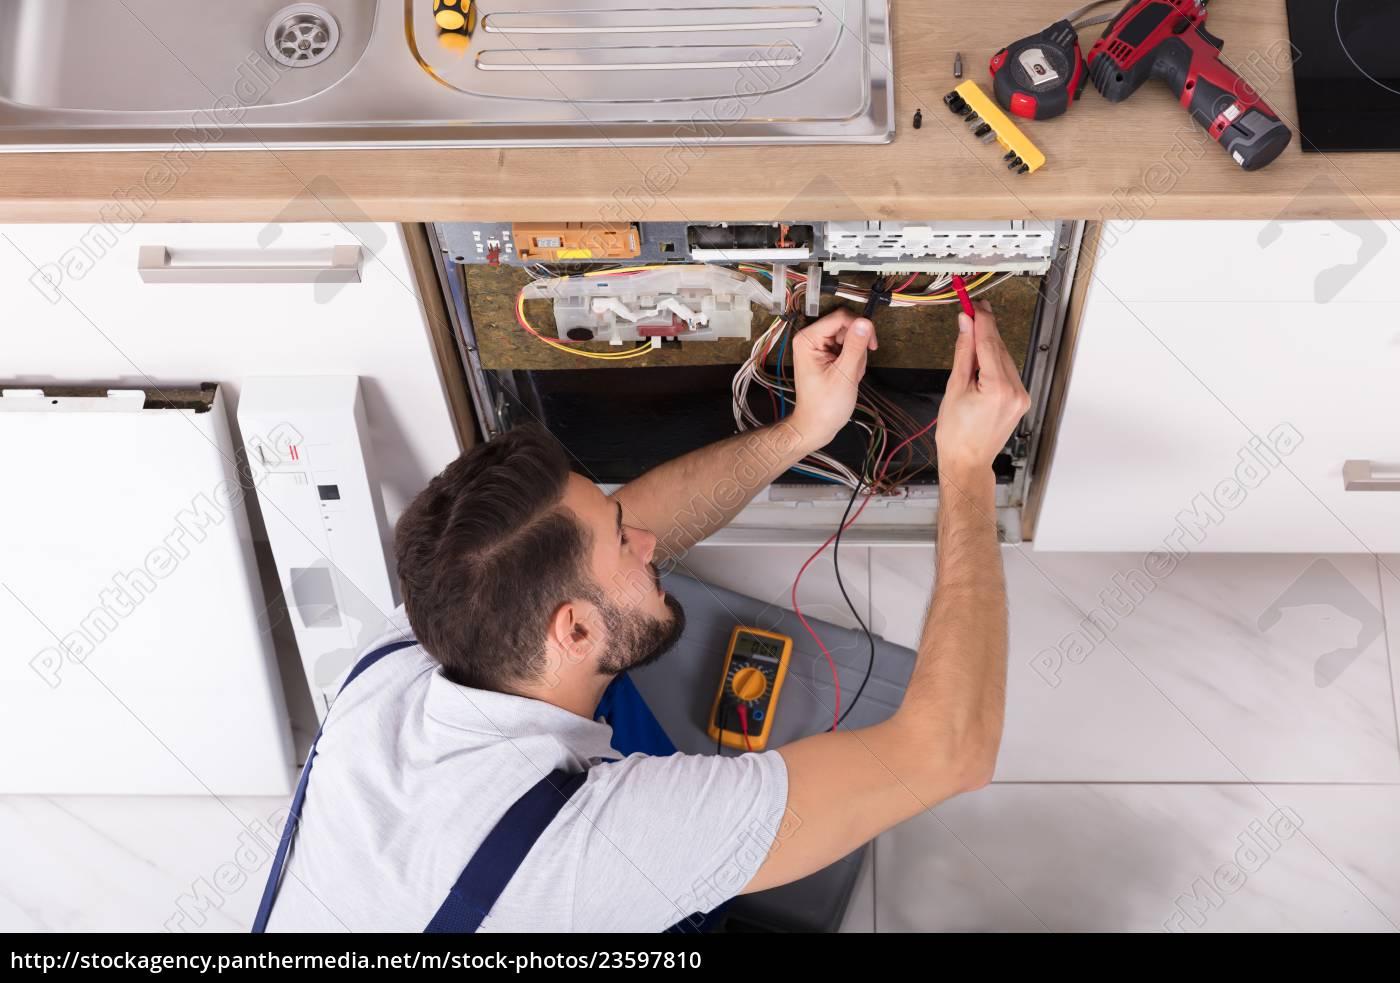 male, technician, examining, dishwasher - 23597810